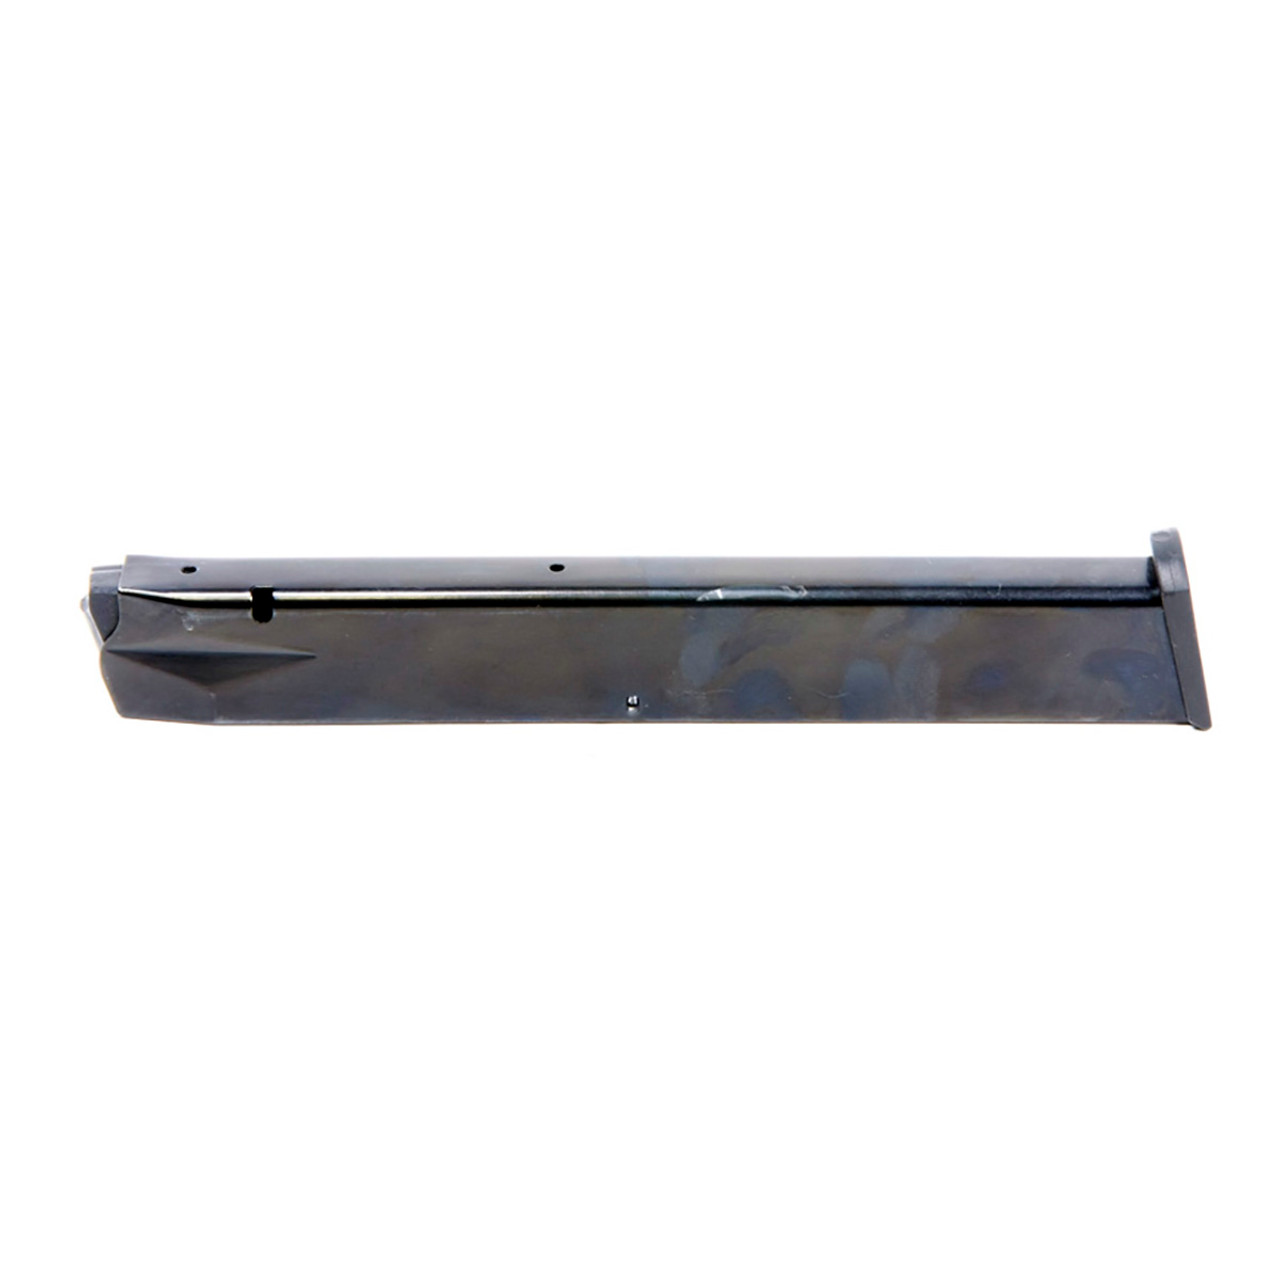 Browning® Hi-Power 9mm (32) Rd - Blue Steel